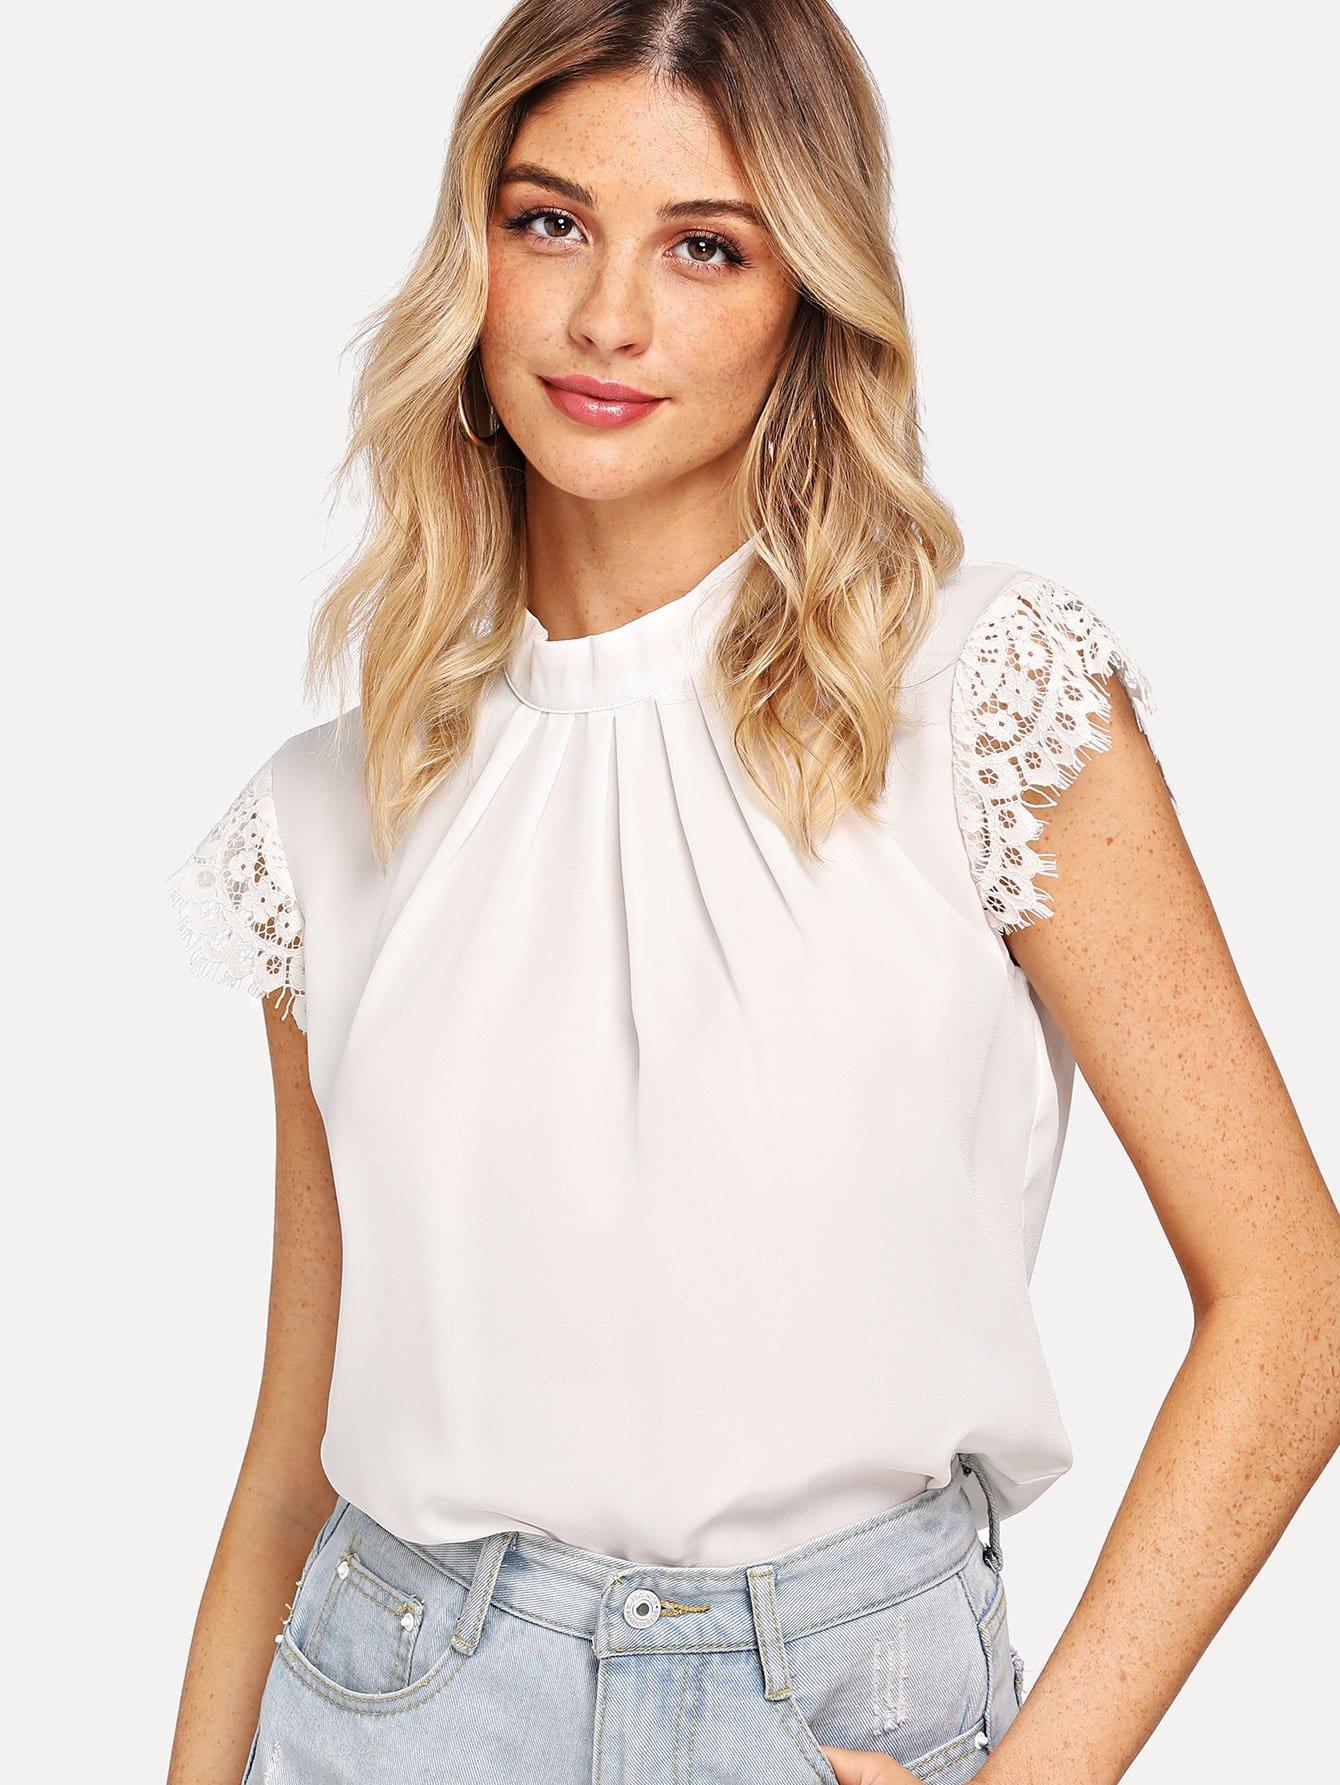 Купить Контрастная кружевная блузка для ресниц, null, SheIn